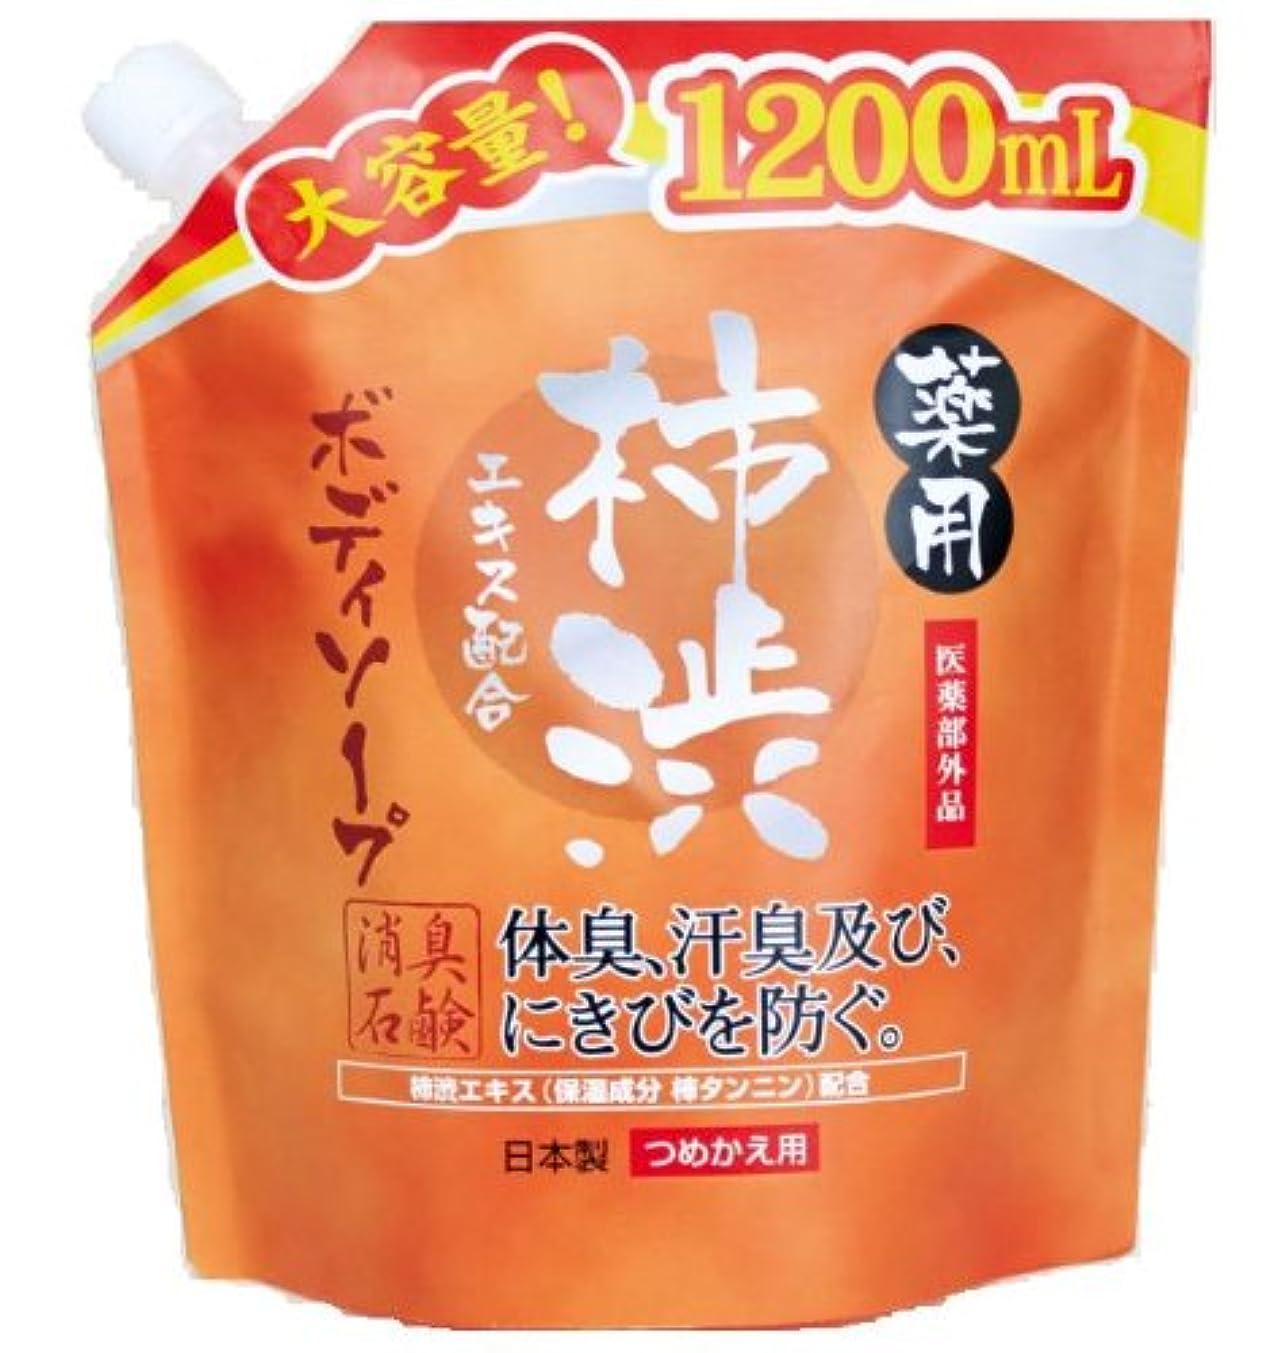 ミシン目所有者バター薬用柿渋 ボディソープ 大容量 (つめかえ用) 1200mL 【医薬部外品】